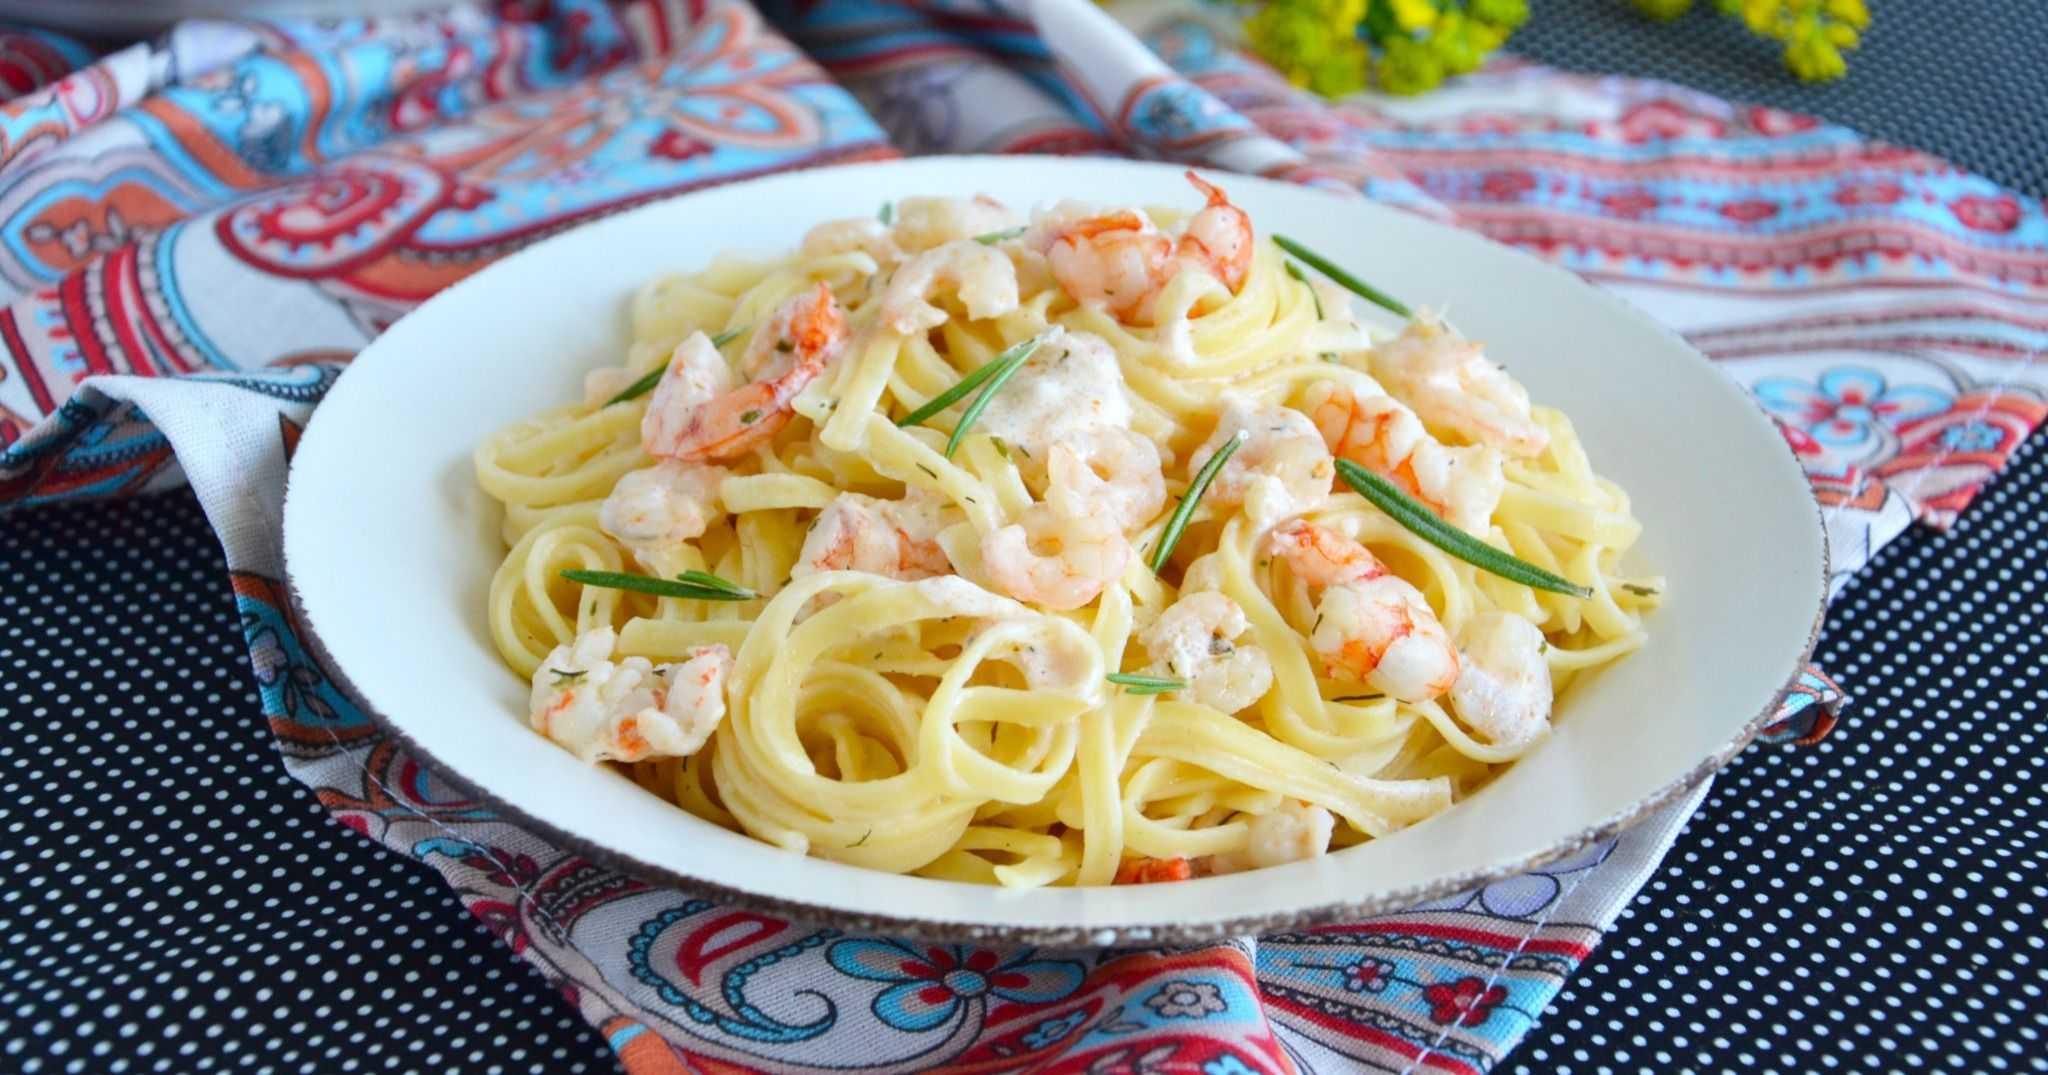 Салат с креветками и кукурузой – рецепты с кальмарами, помидорами, яйцом и ананасом